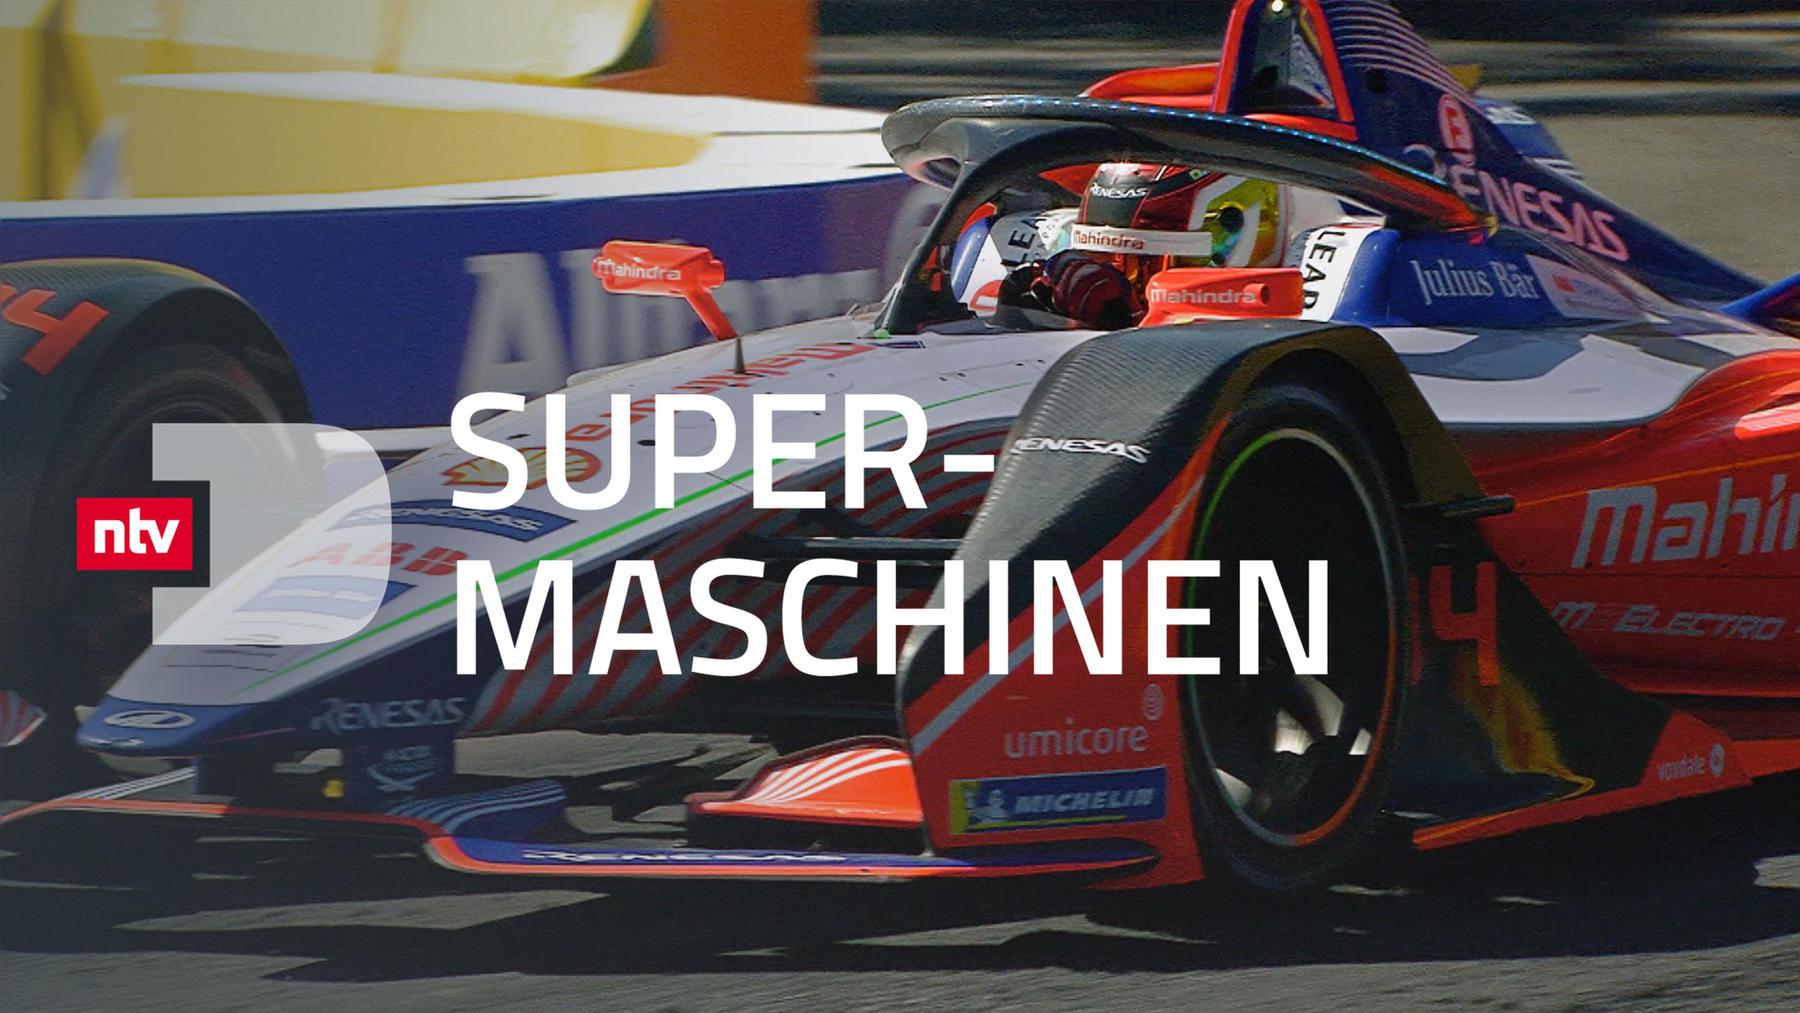 Super-Maschinen